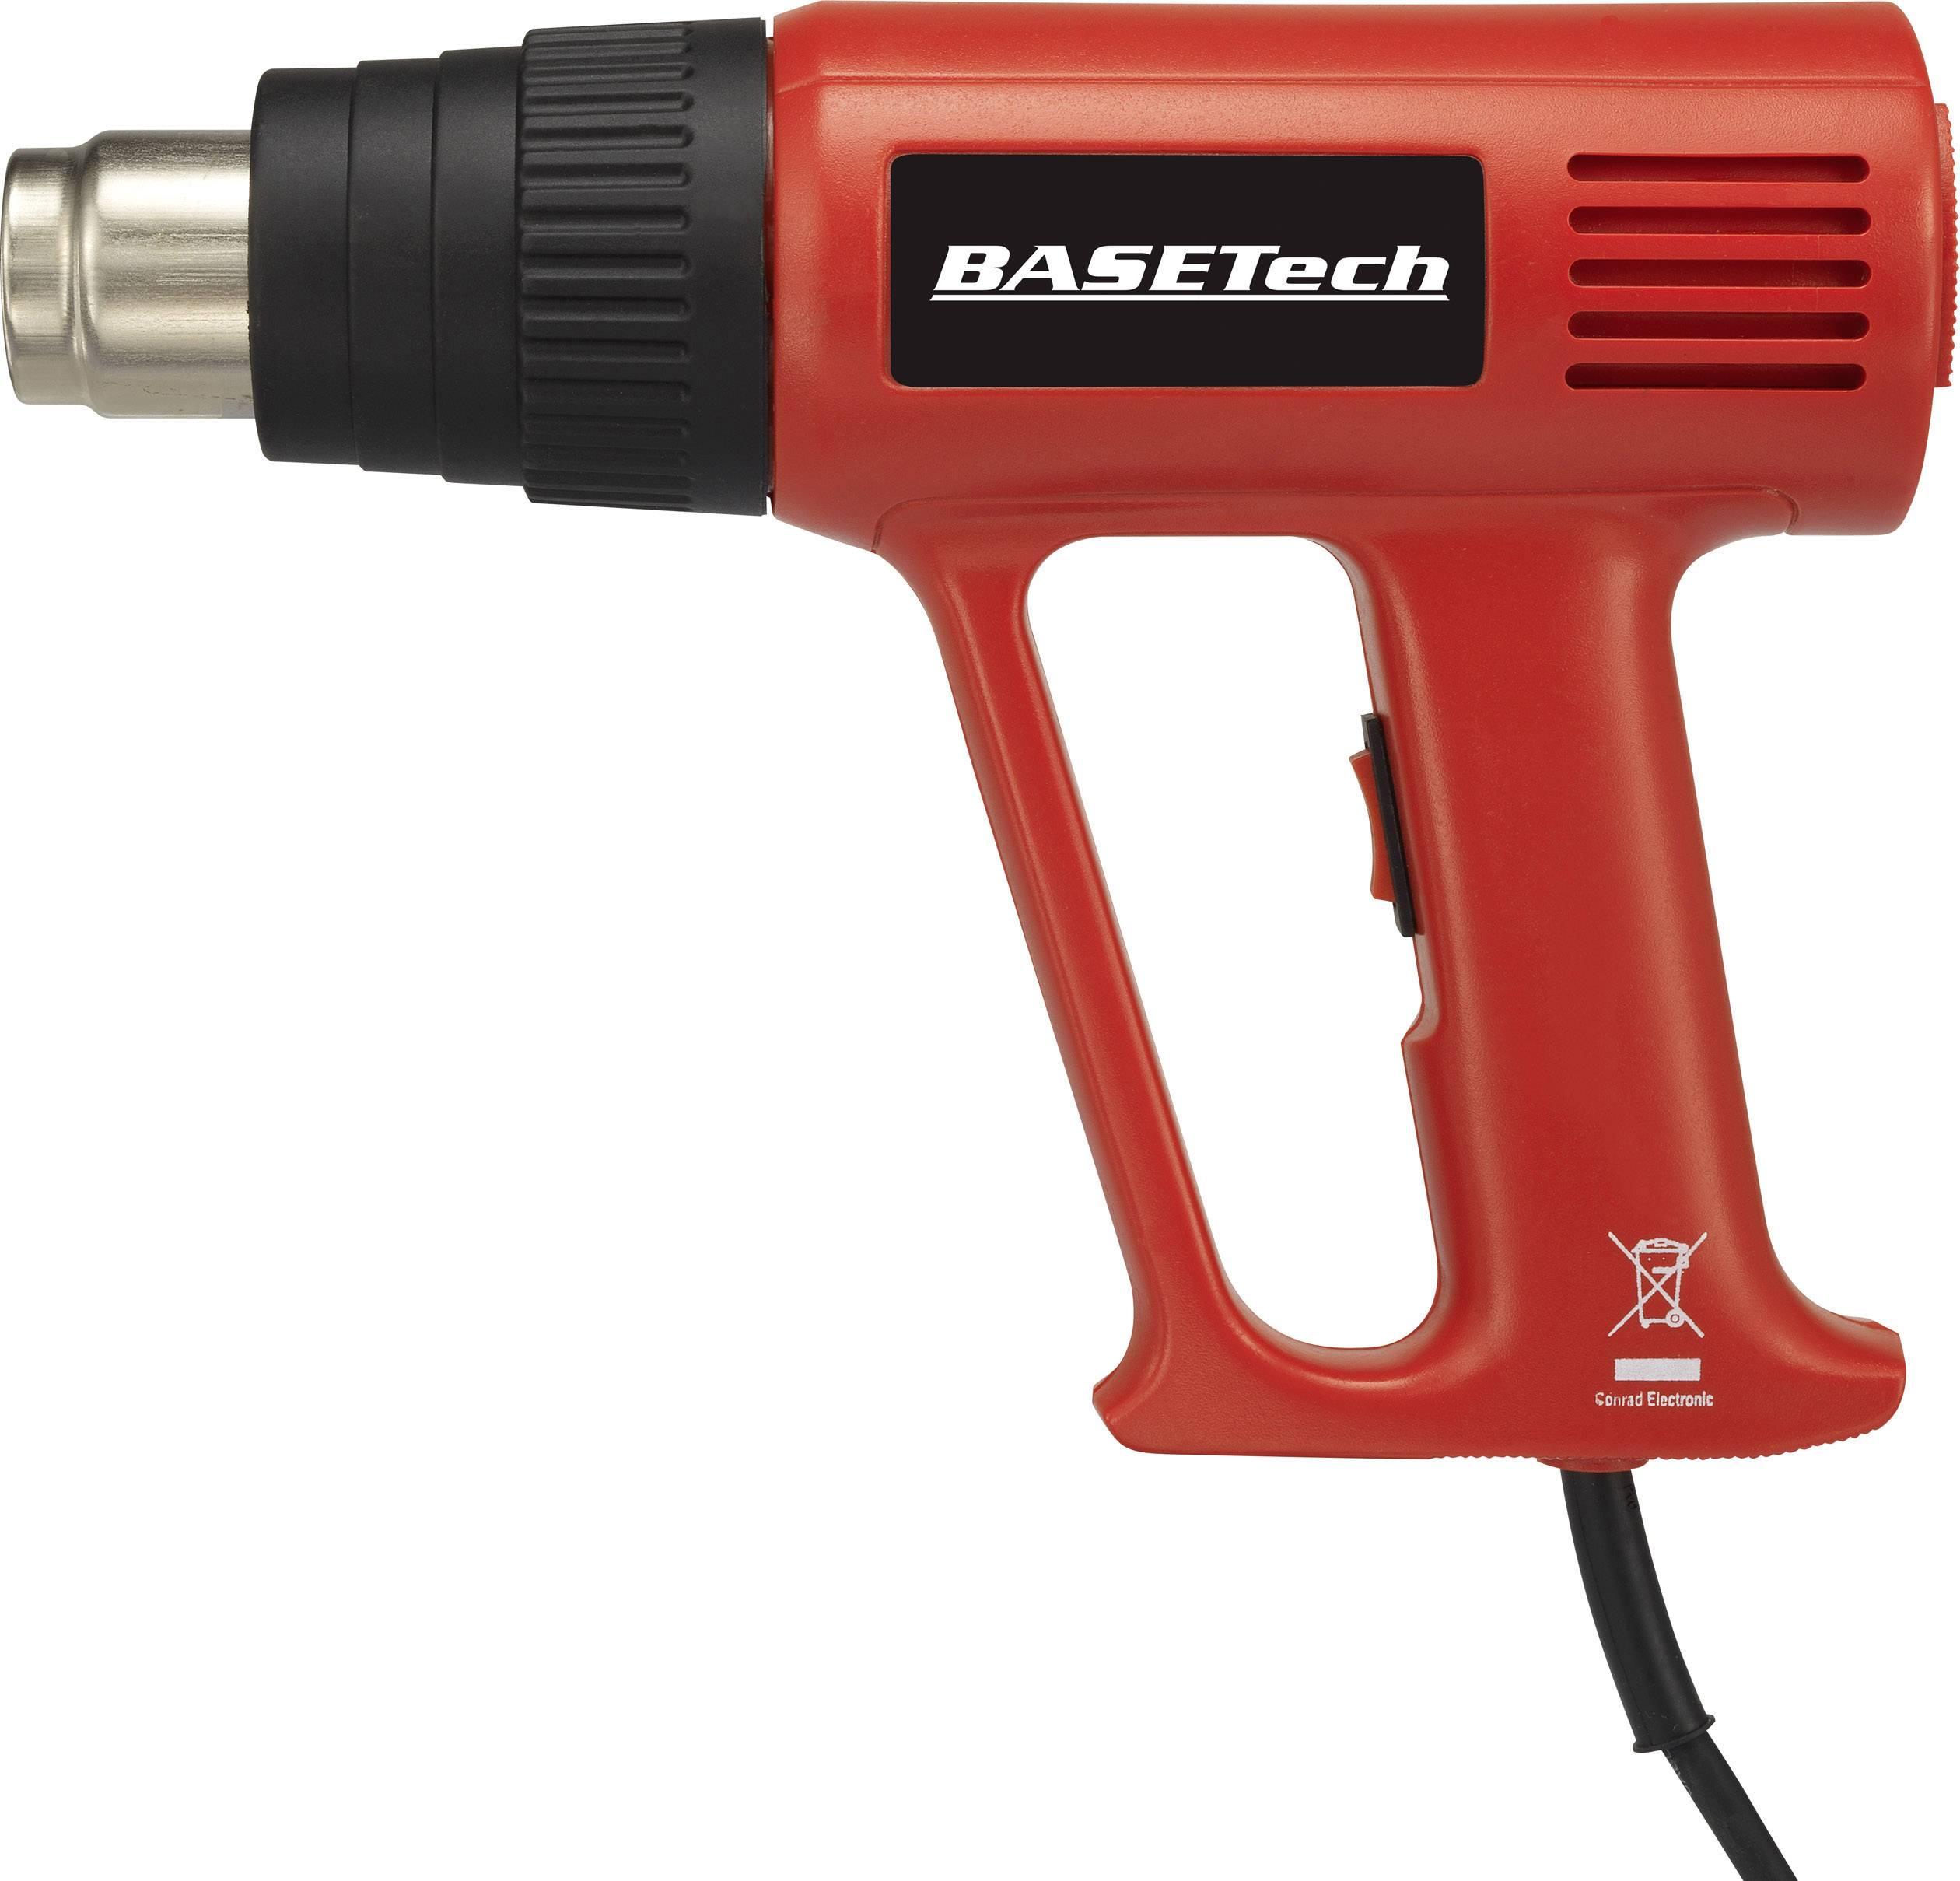 Horkovzdušná pistole Basetech Basetech 812537, 2000 W, 300 °C, 600 °C